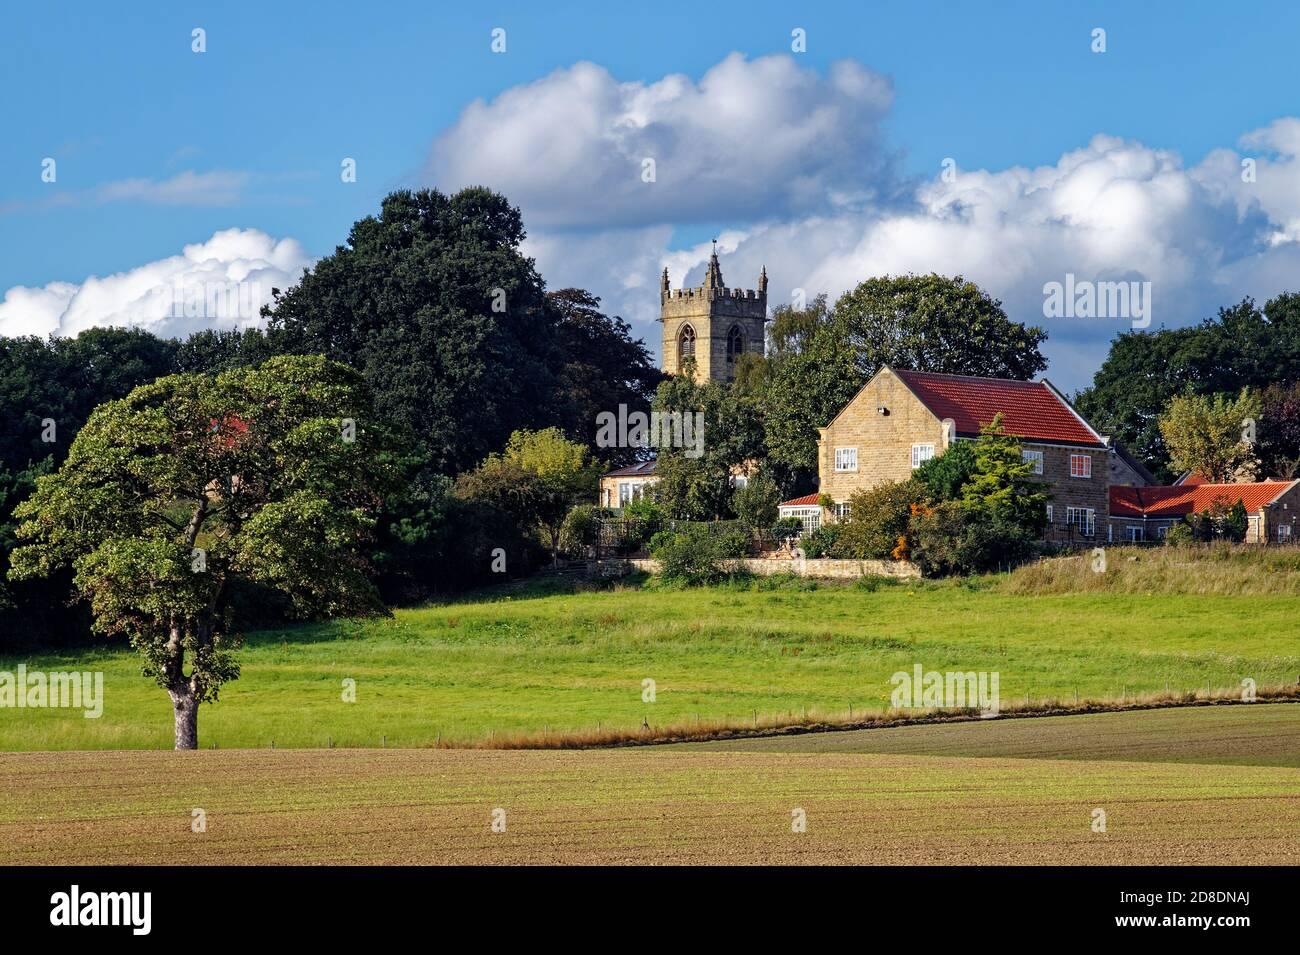 Regno Unito, South Yorkshire, Barnburgh, St Peter's Church e la campagna circostante Foto Stock